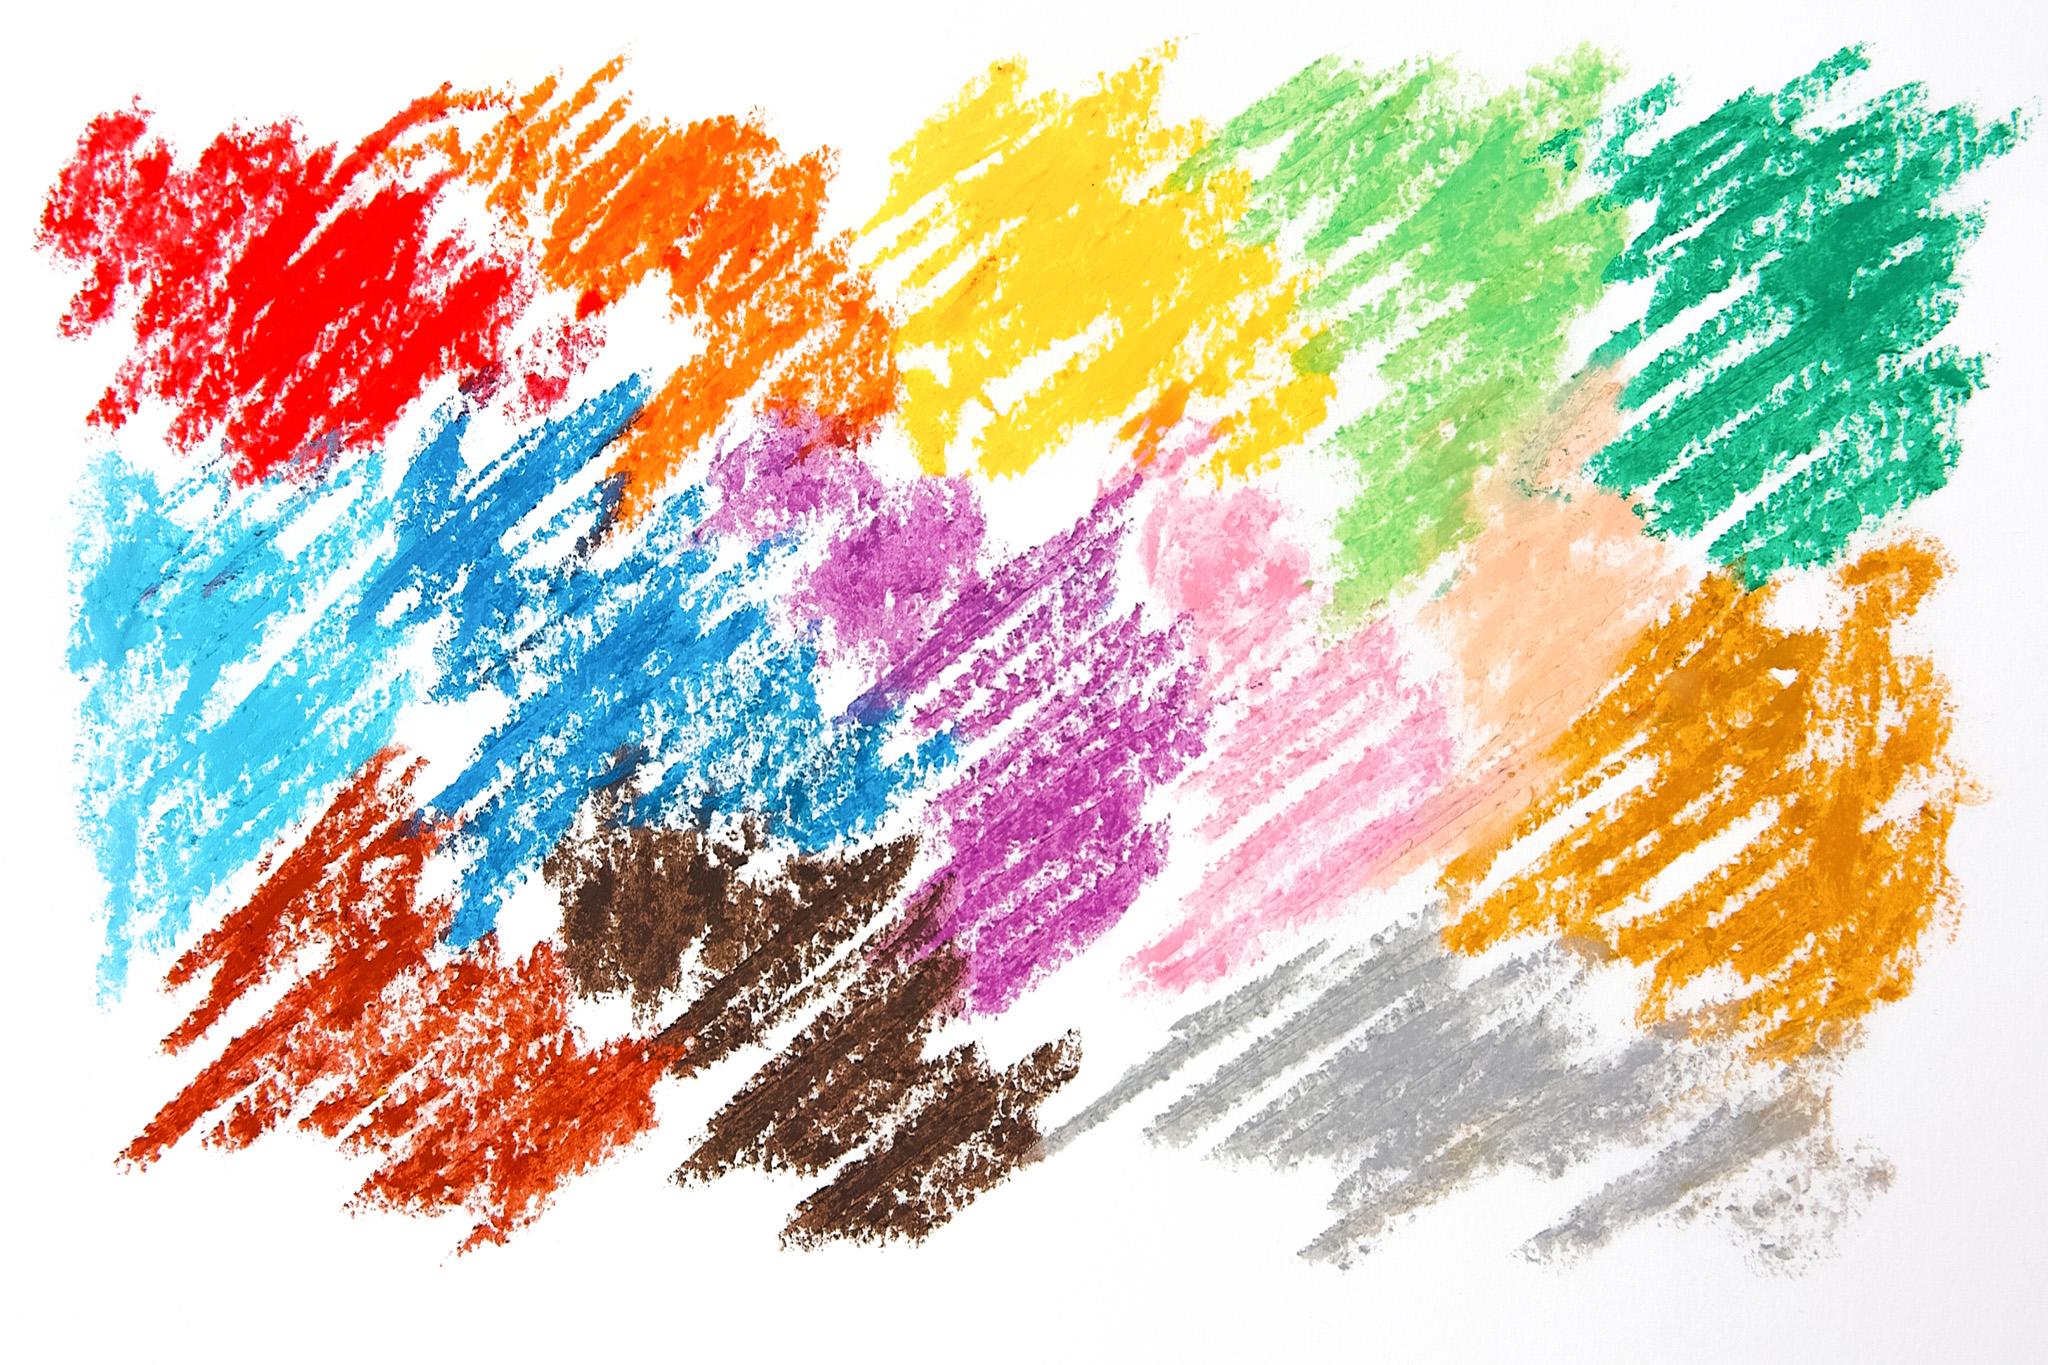 「14色のクレヨンを塗った画用紙」